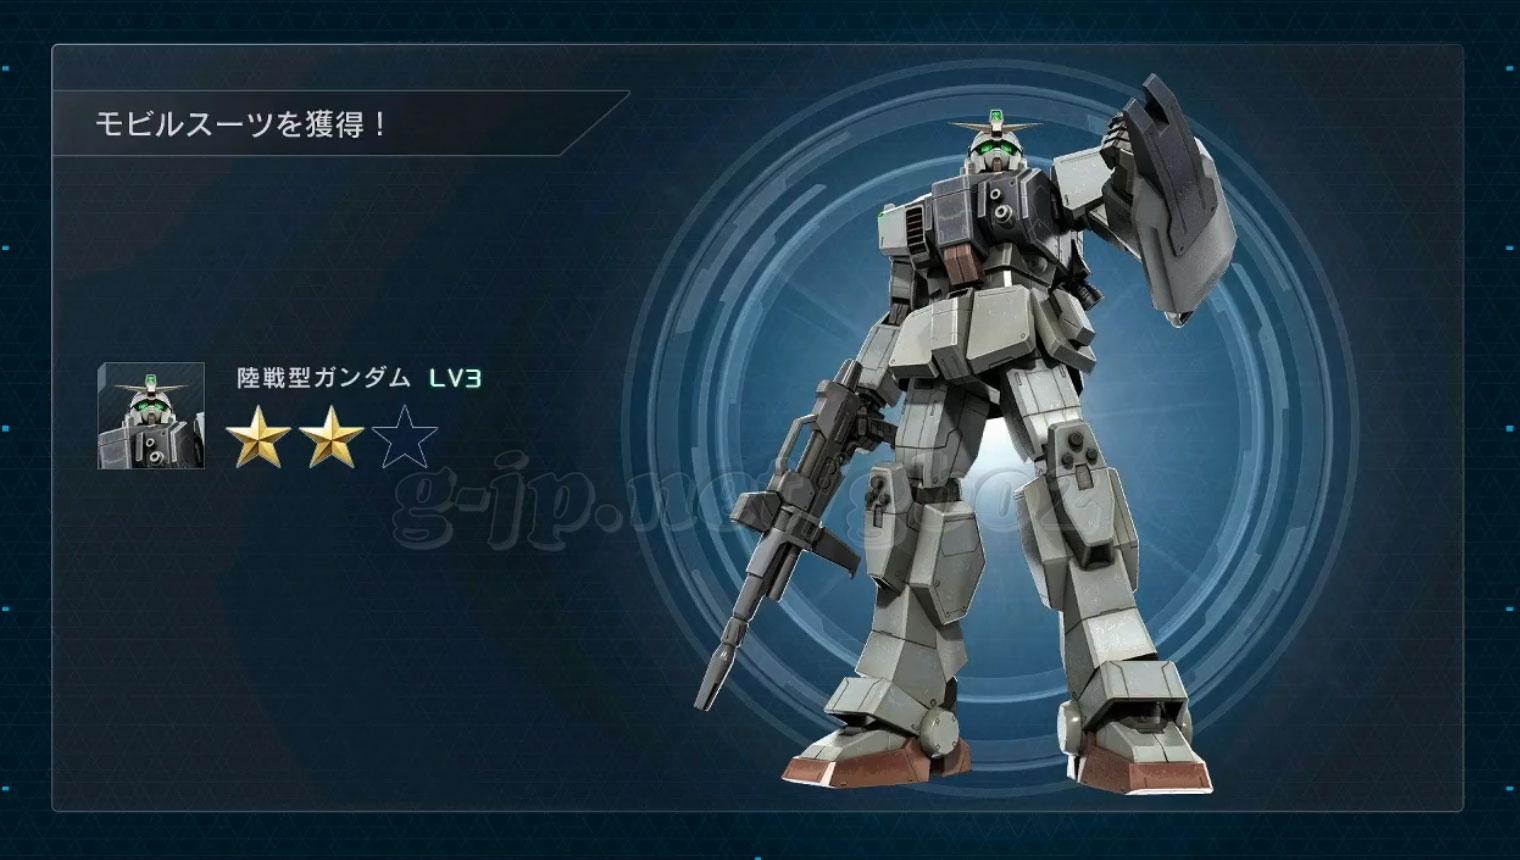 獲得:陸戦型ガンダム LV3